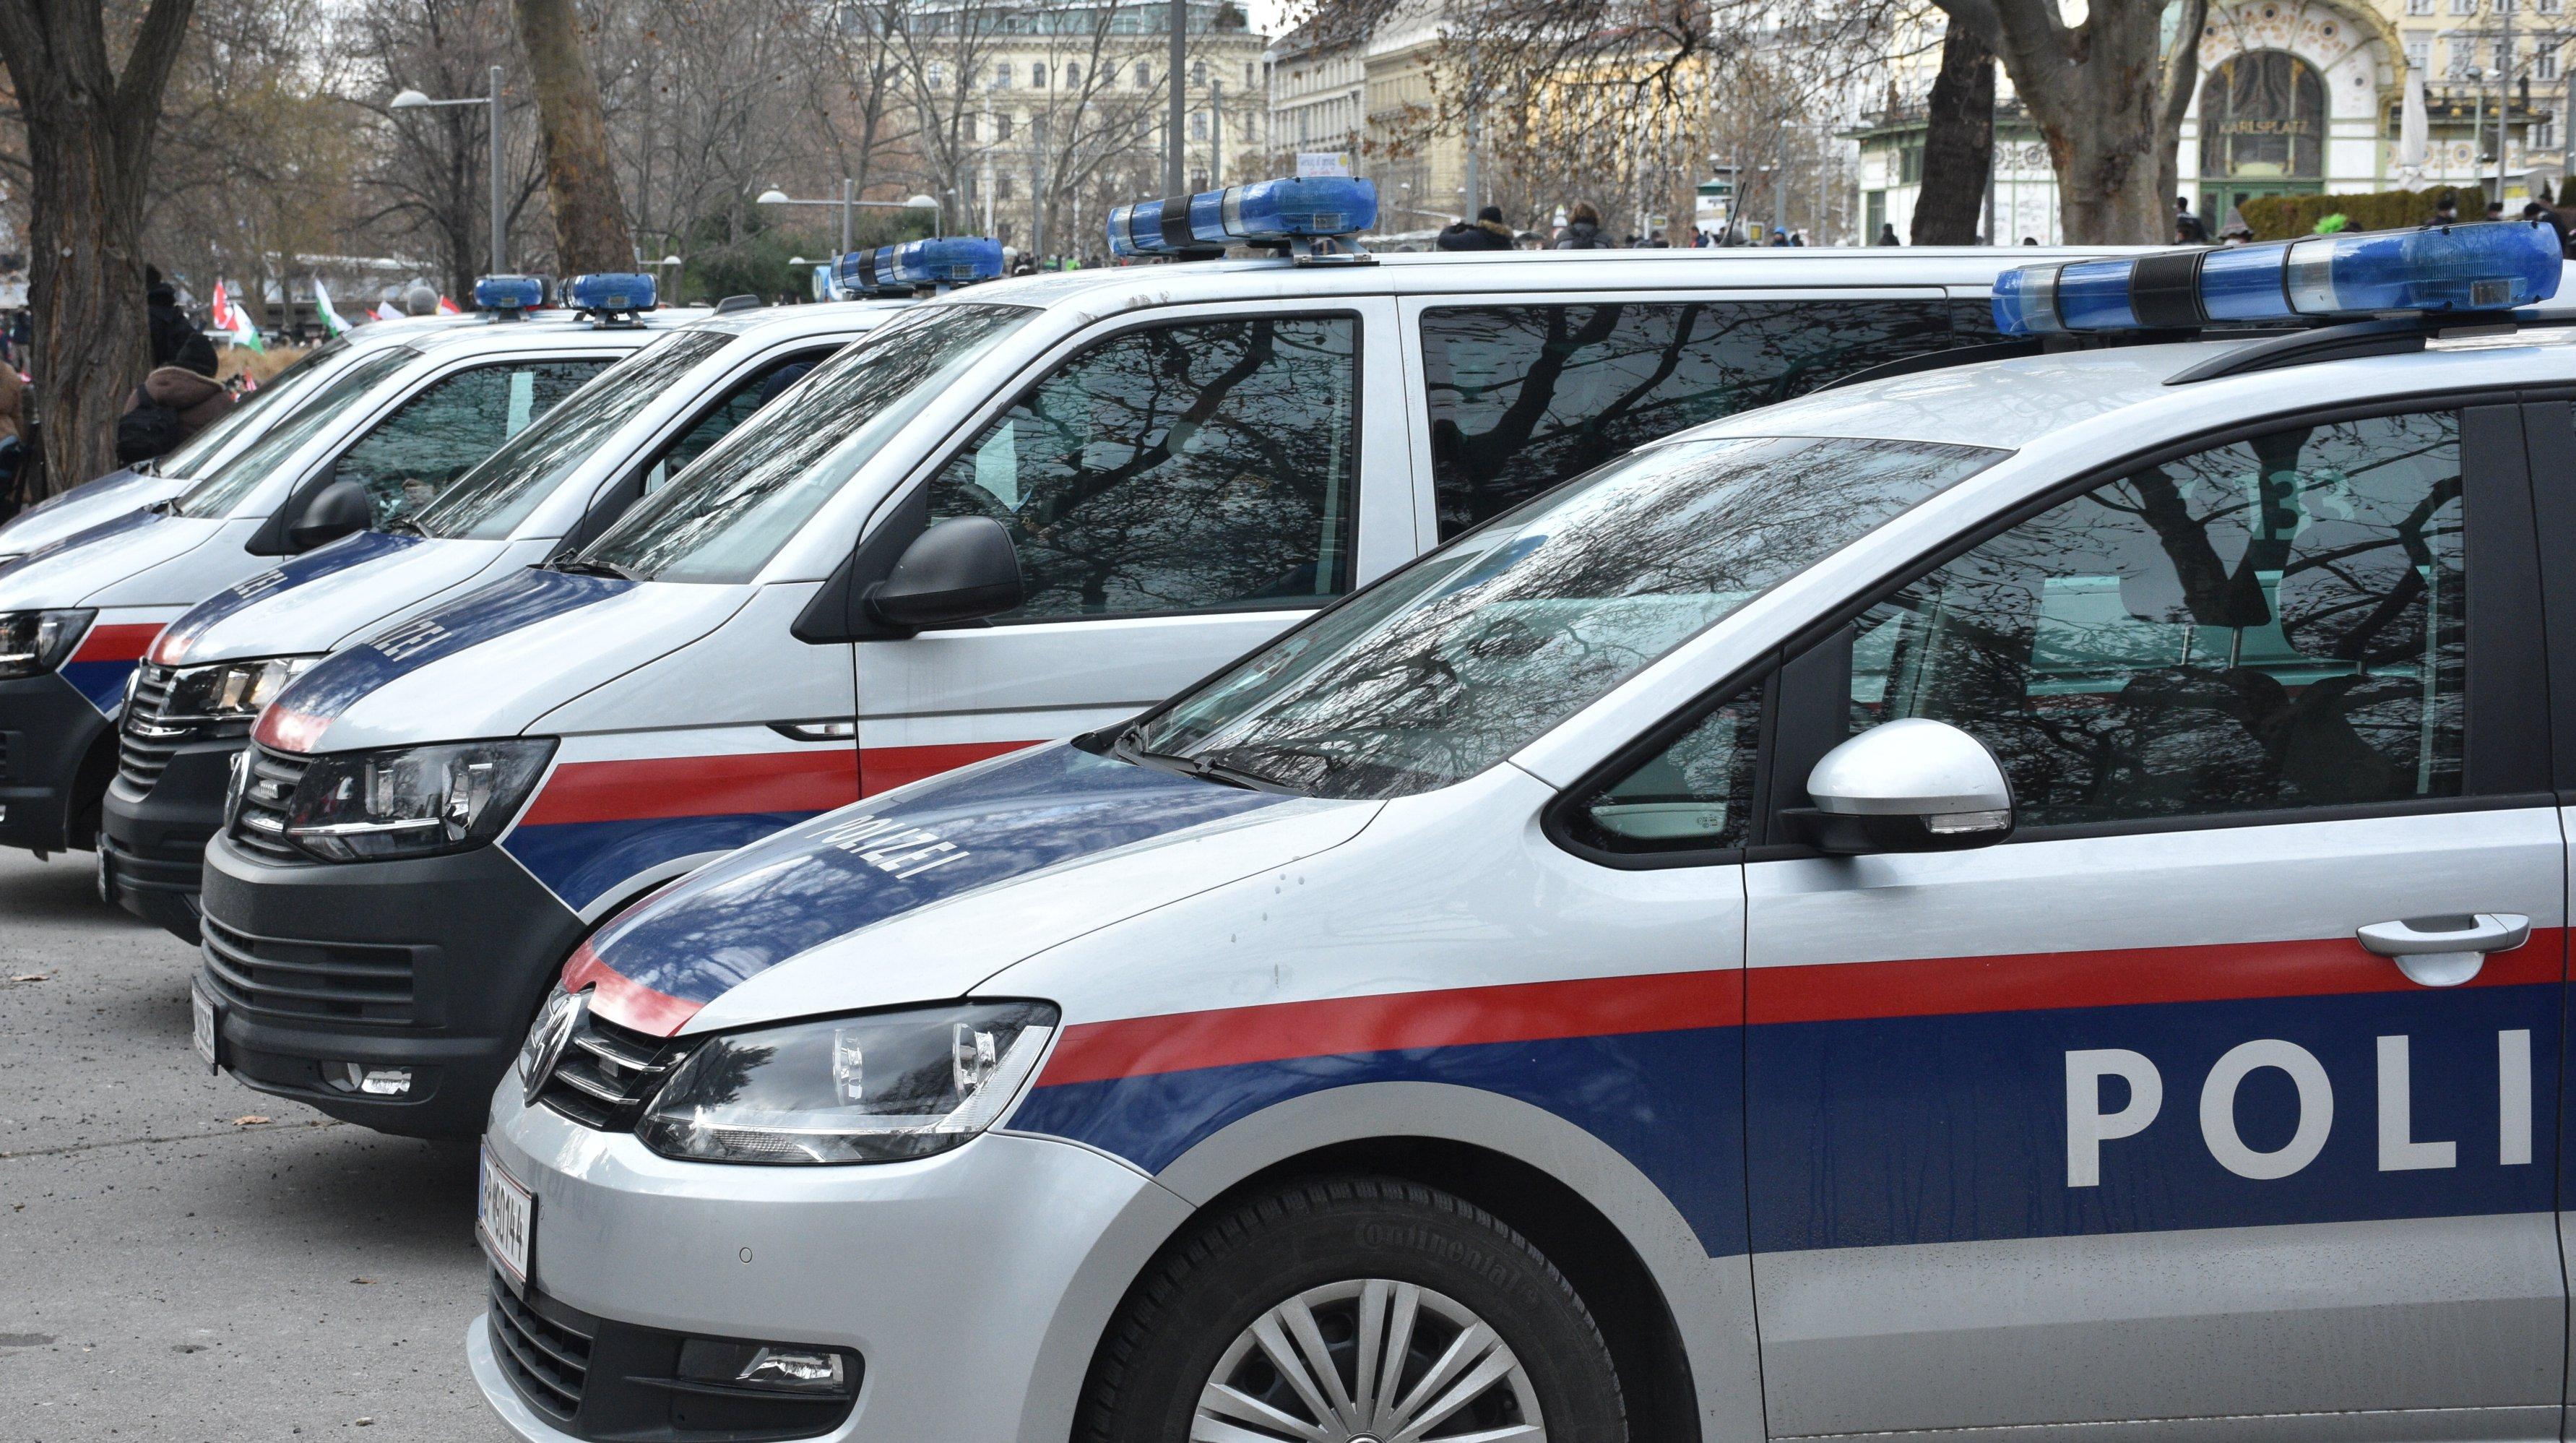 Protest in Austria against Covid-19 measures